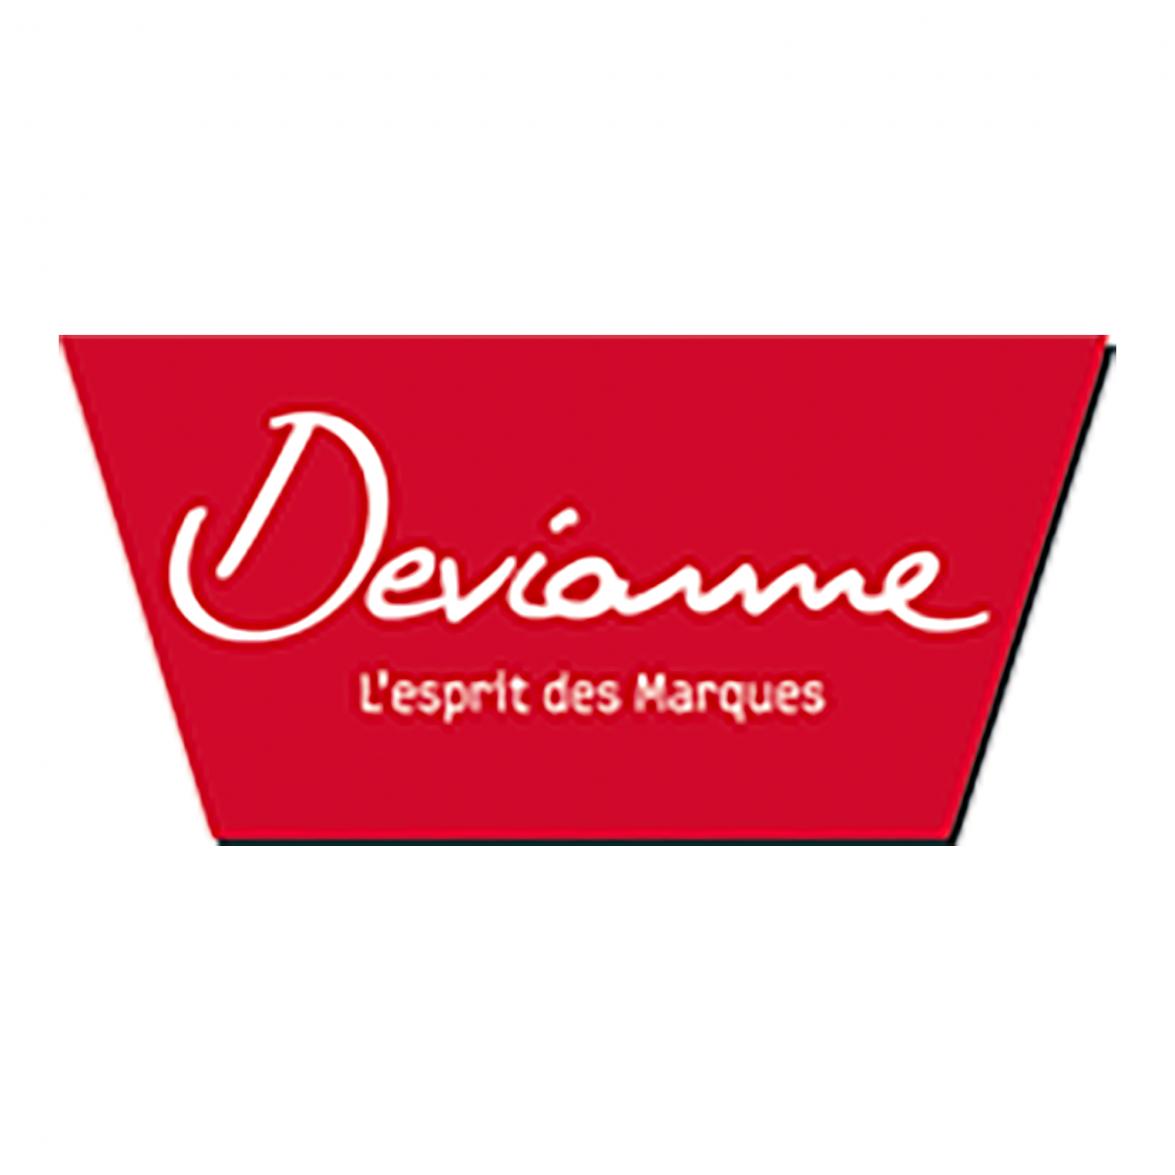 Angèle Von kiss - Mes clients - Devianne